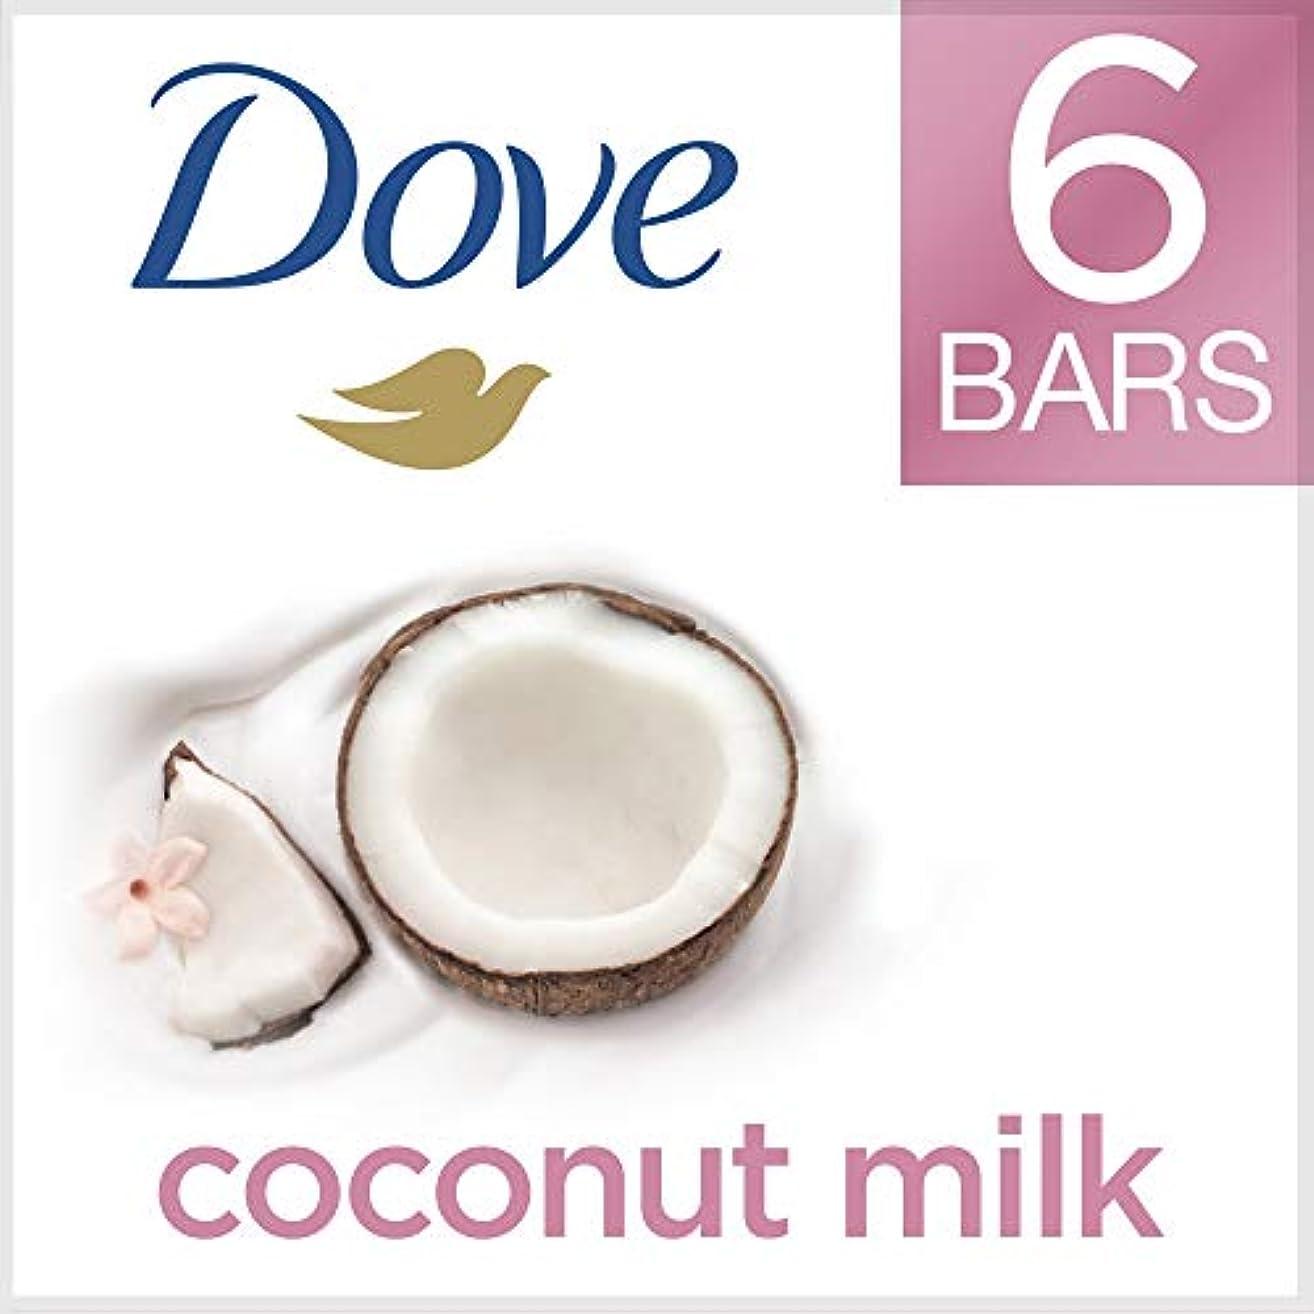 Dove ビューティーバー、ココナッツミルク、4オンス、6バー